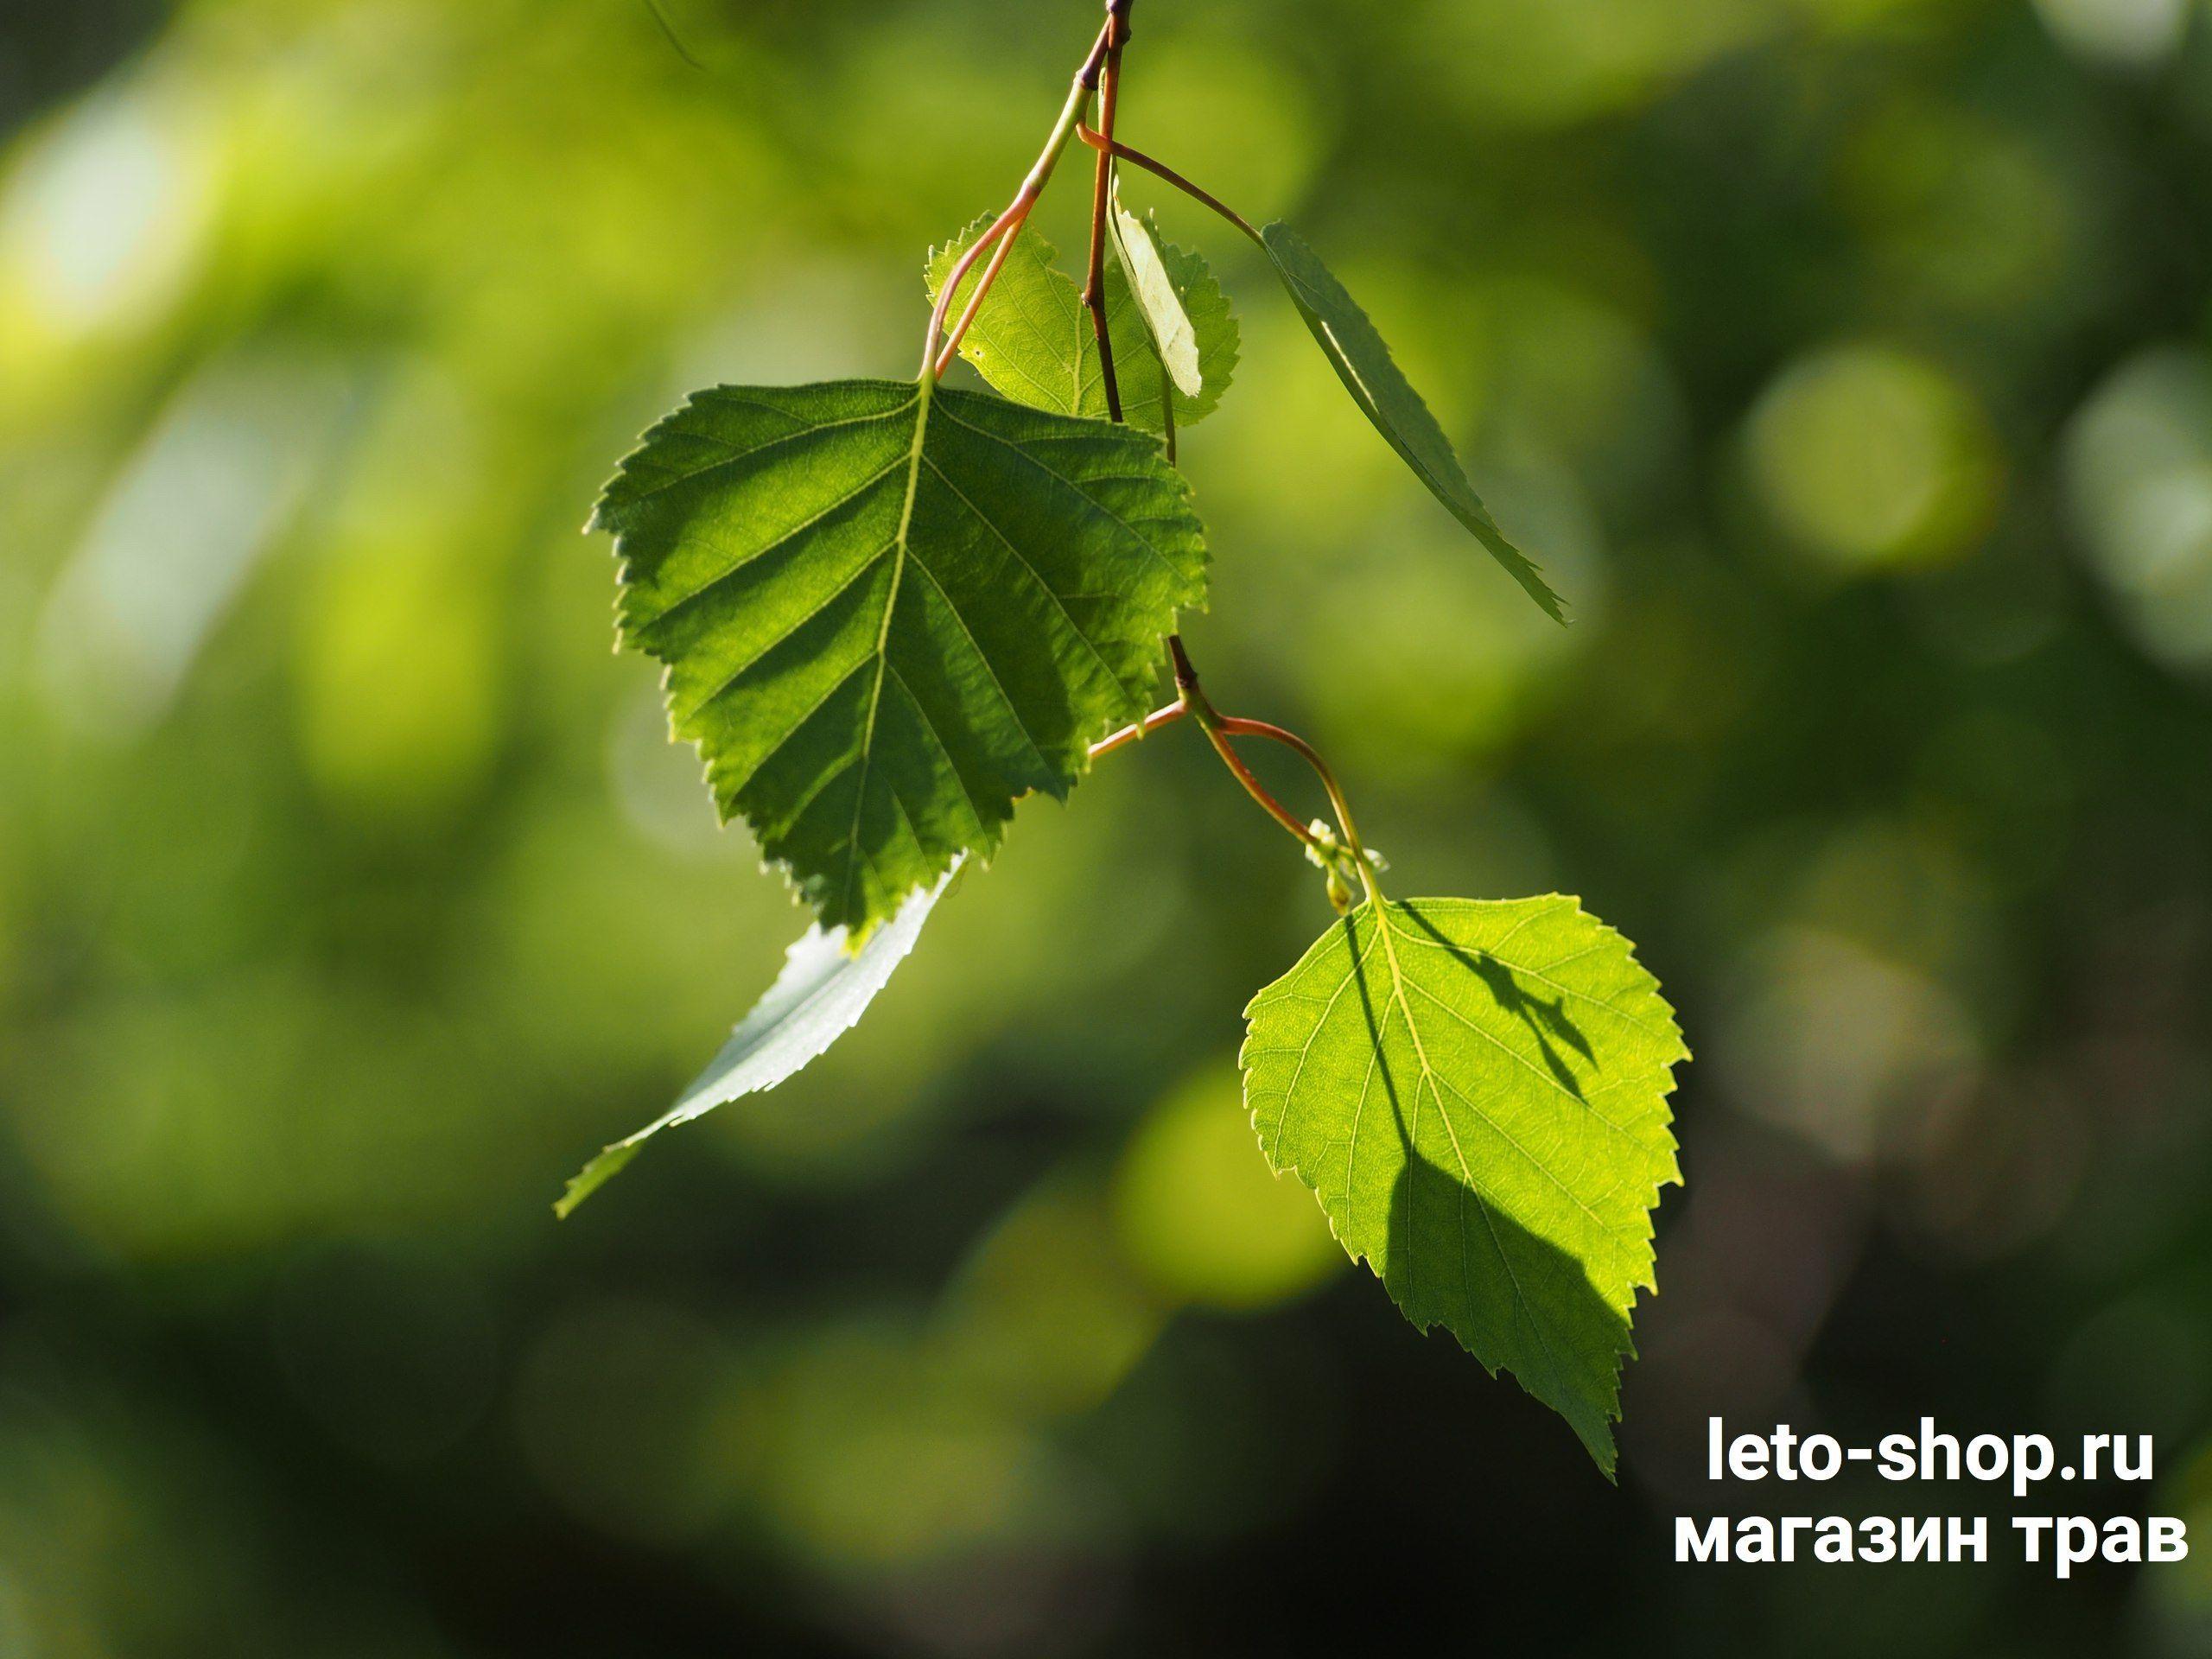 Березовые листья прием в народной медиц черный металл в Липино